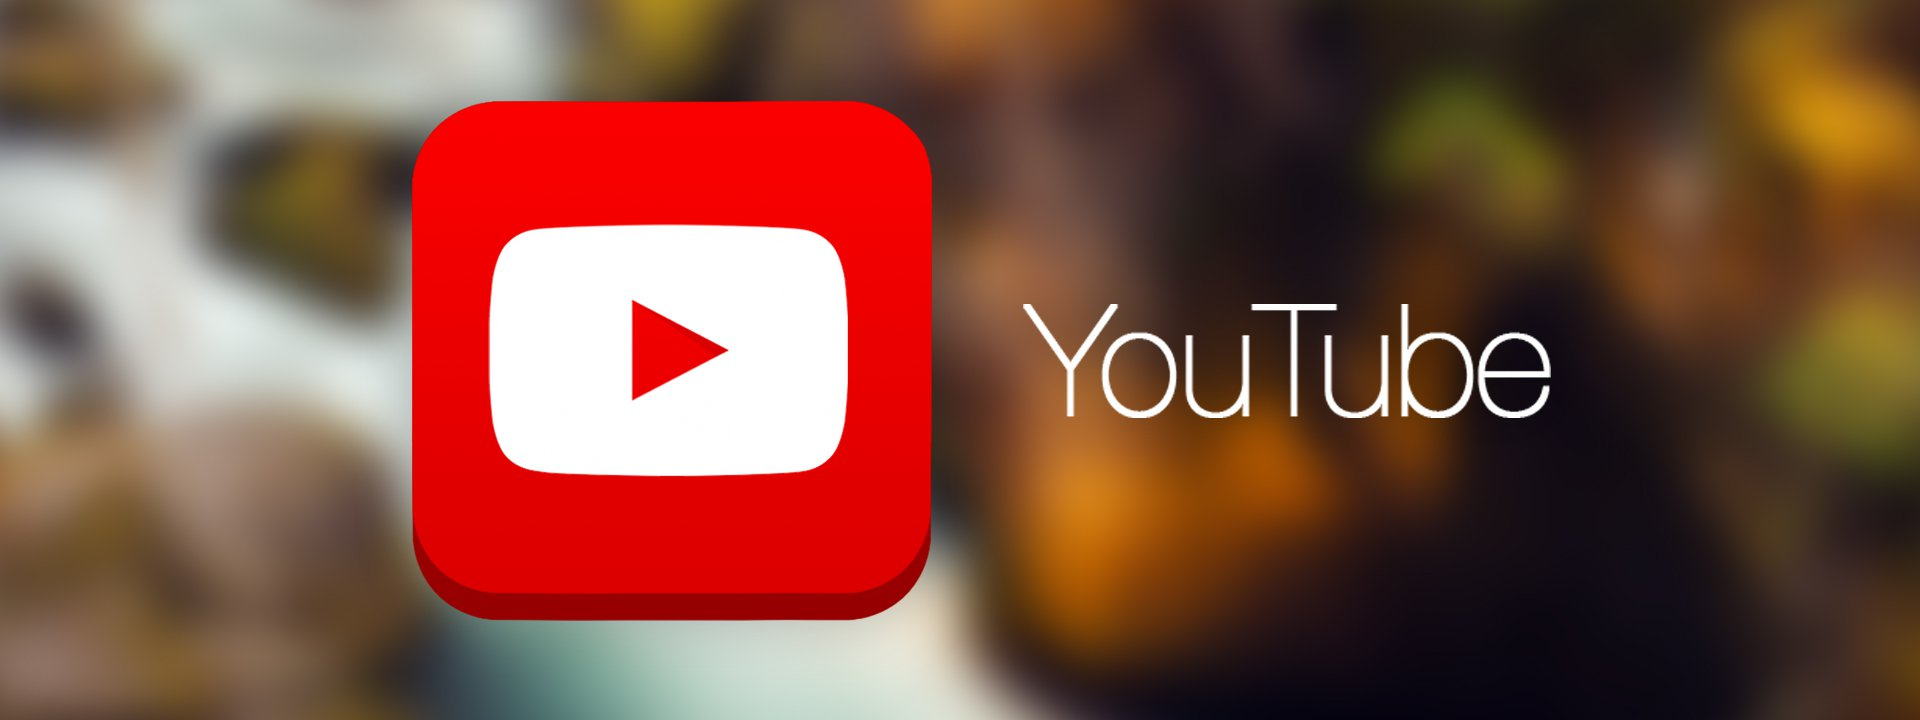 """""""يوتيوب TV"""" يطلق ترقية 4K Plus لتجربة محسّنة"""